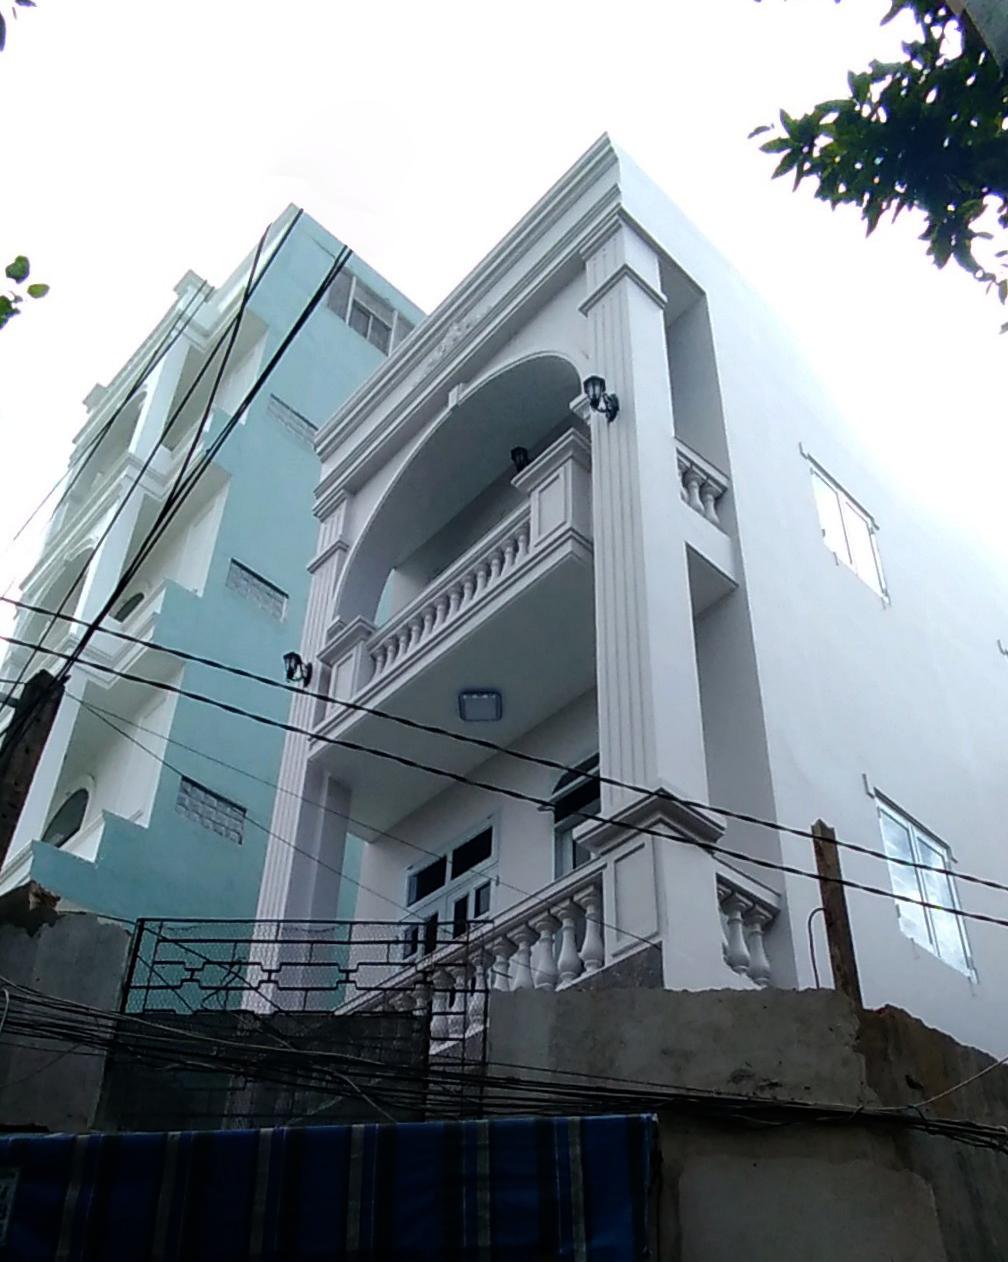 thiết kế Nhà 2 tầng tại Hồ Chí Minh NHÀ PHỐ KẾT HỢP  5 1563597719